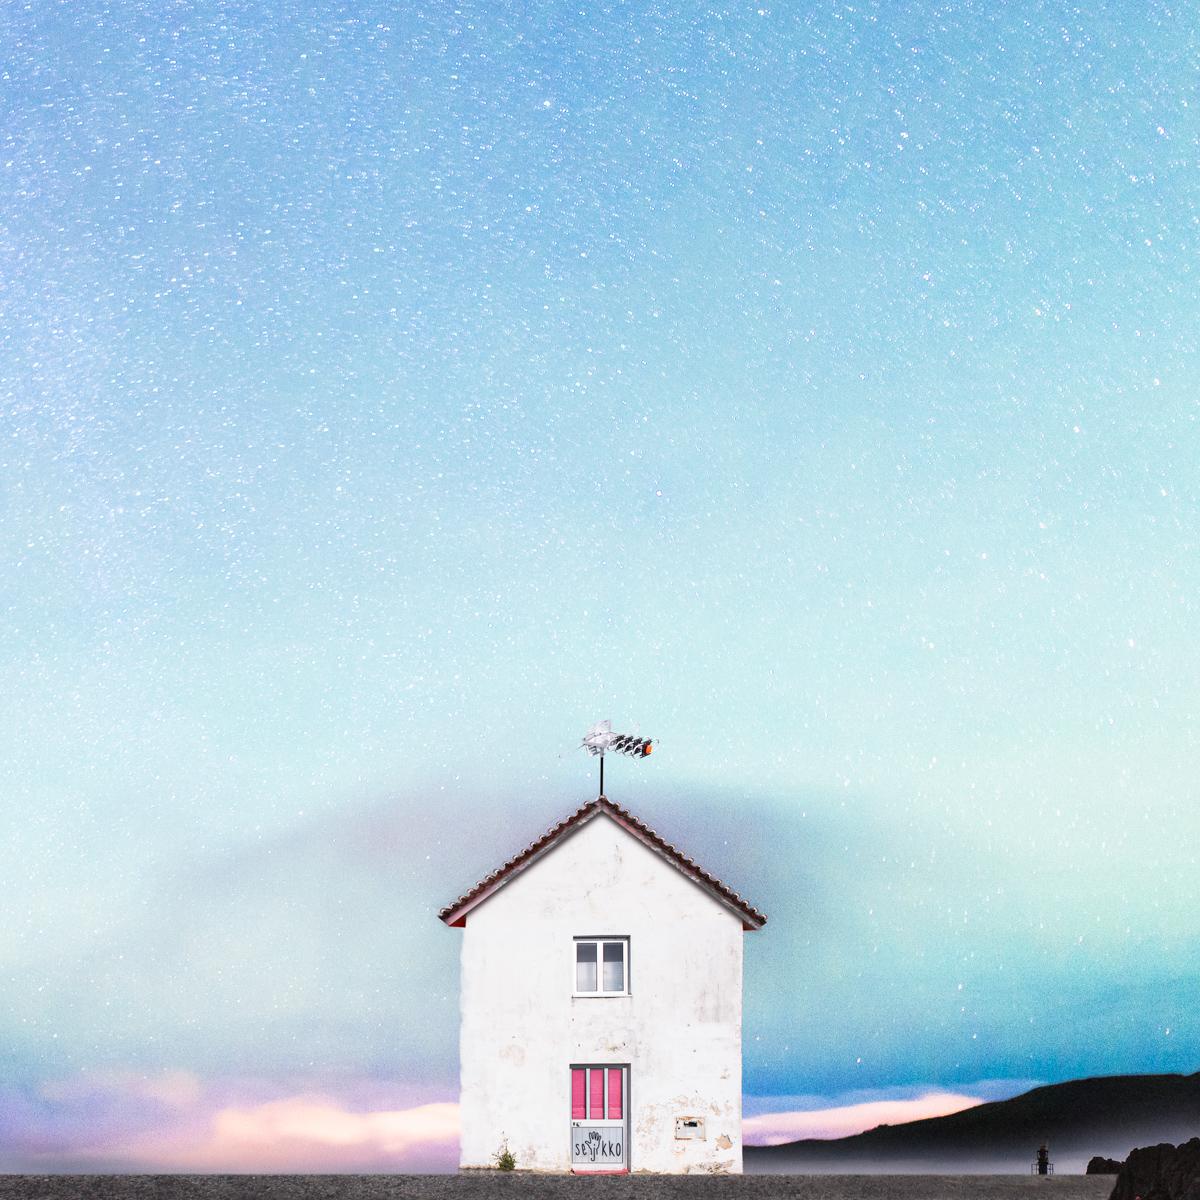 Le case solitarie di Manuel Pita | Collater.al 8